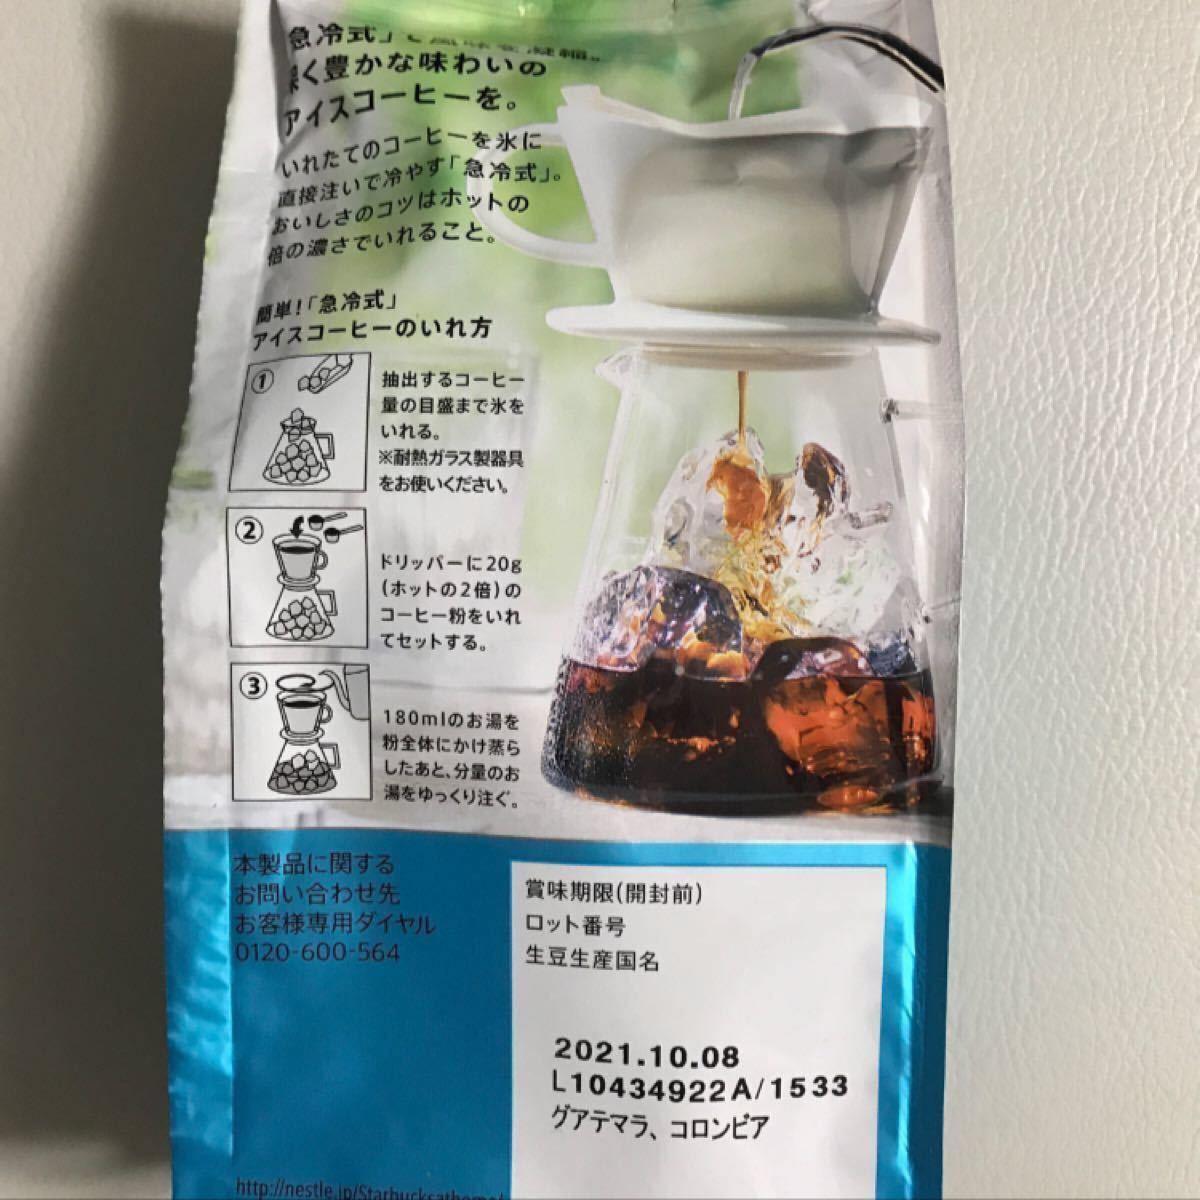 スターバックス アイスコーヒー ブレンド(粉) 140g×3袋